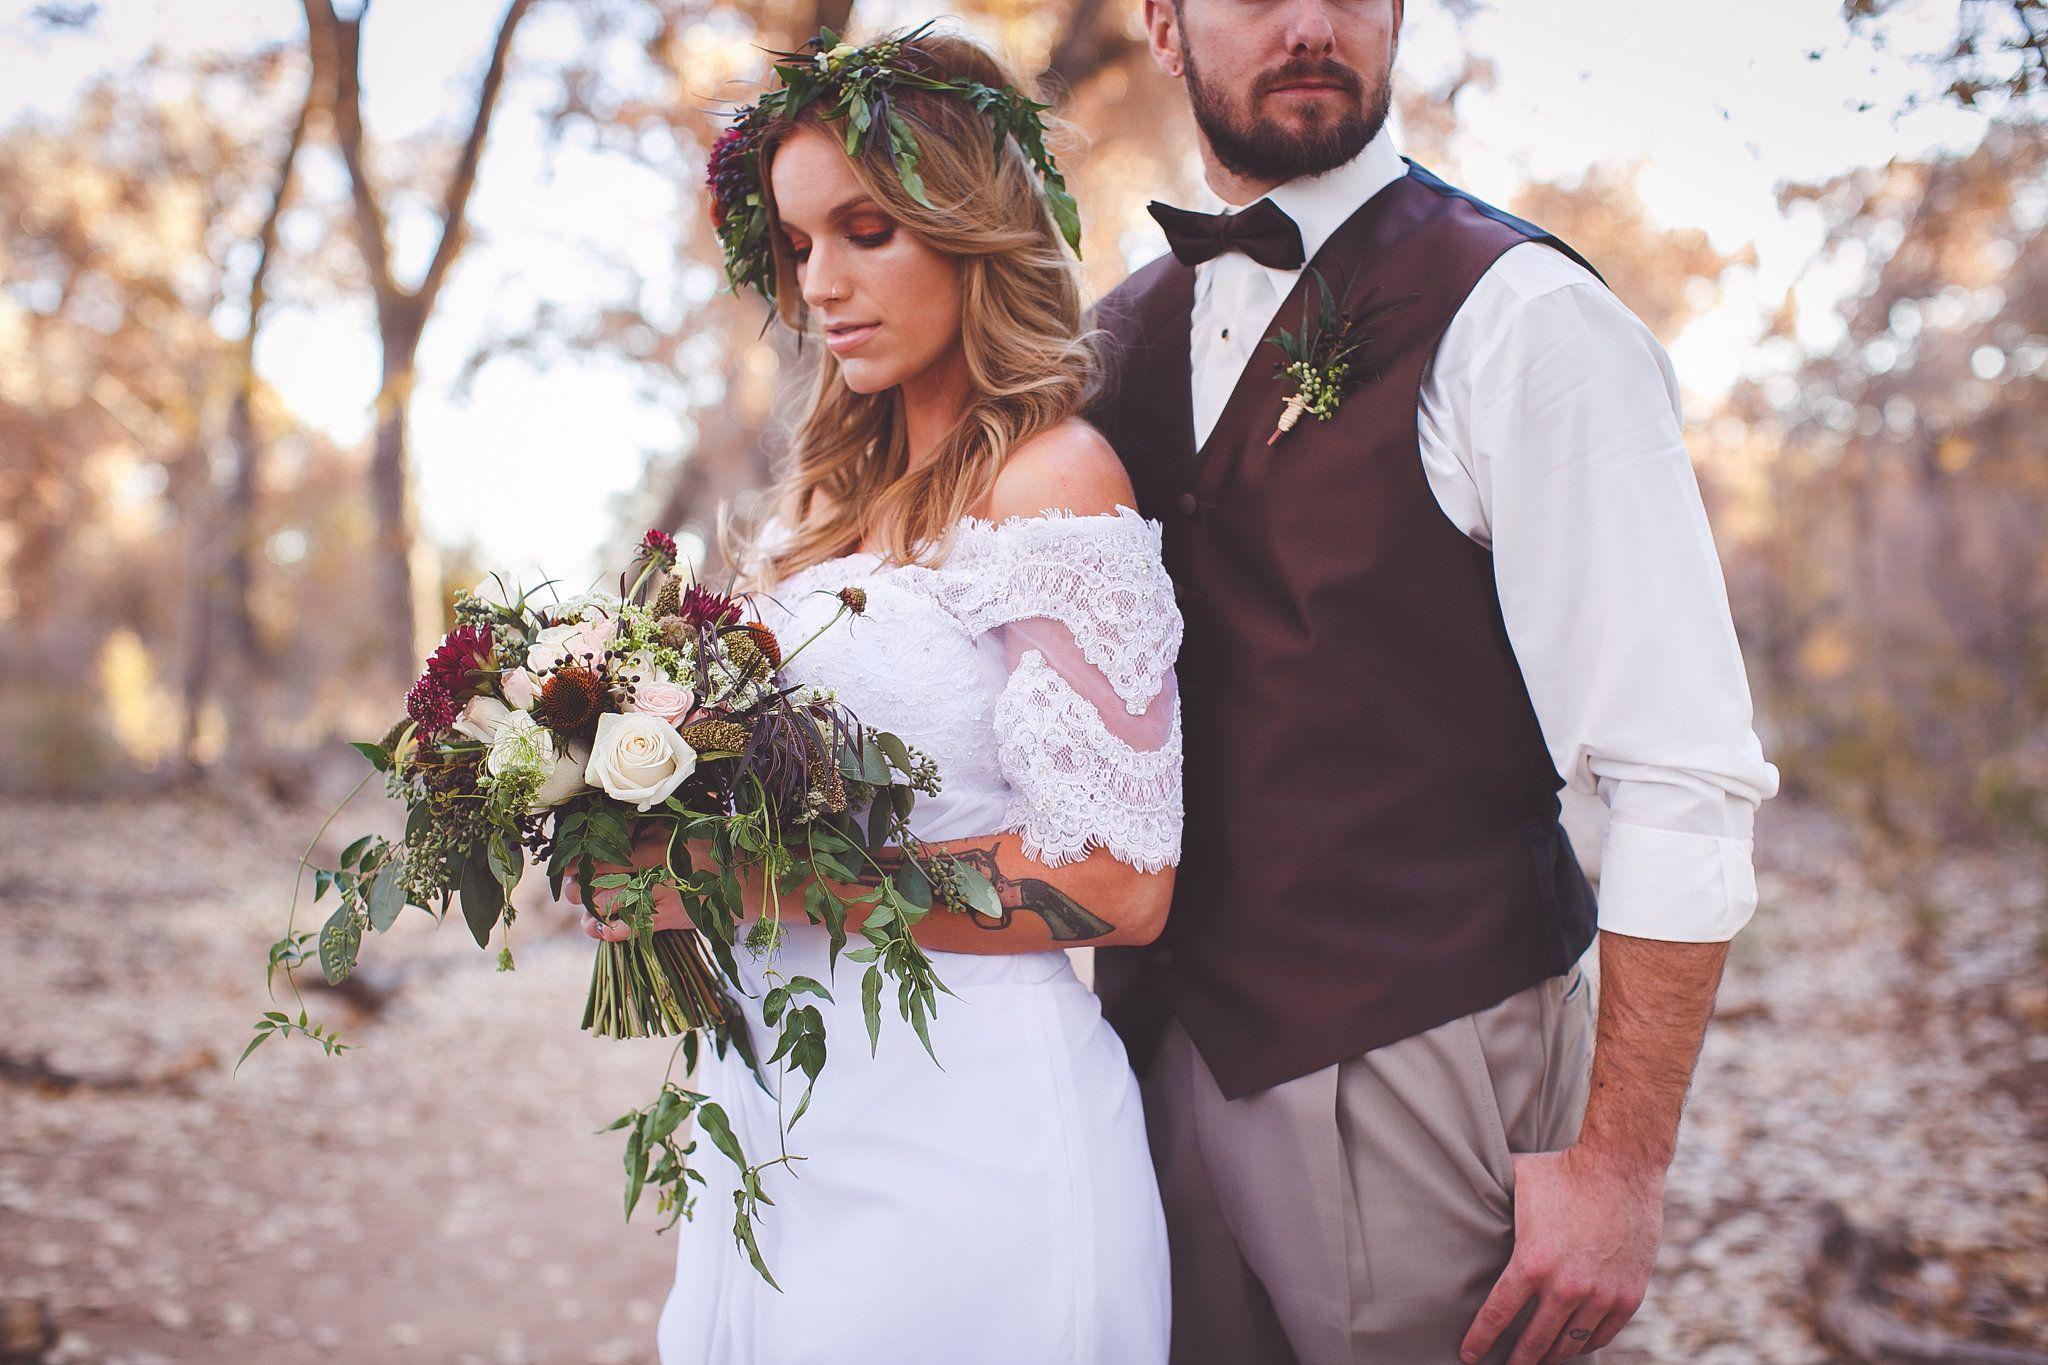 New mexico wedding magazine bohoglam styled shoot photos by